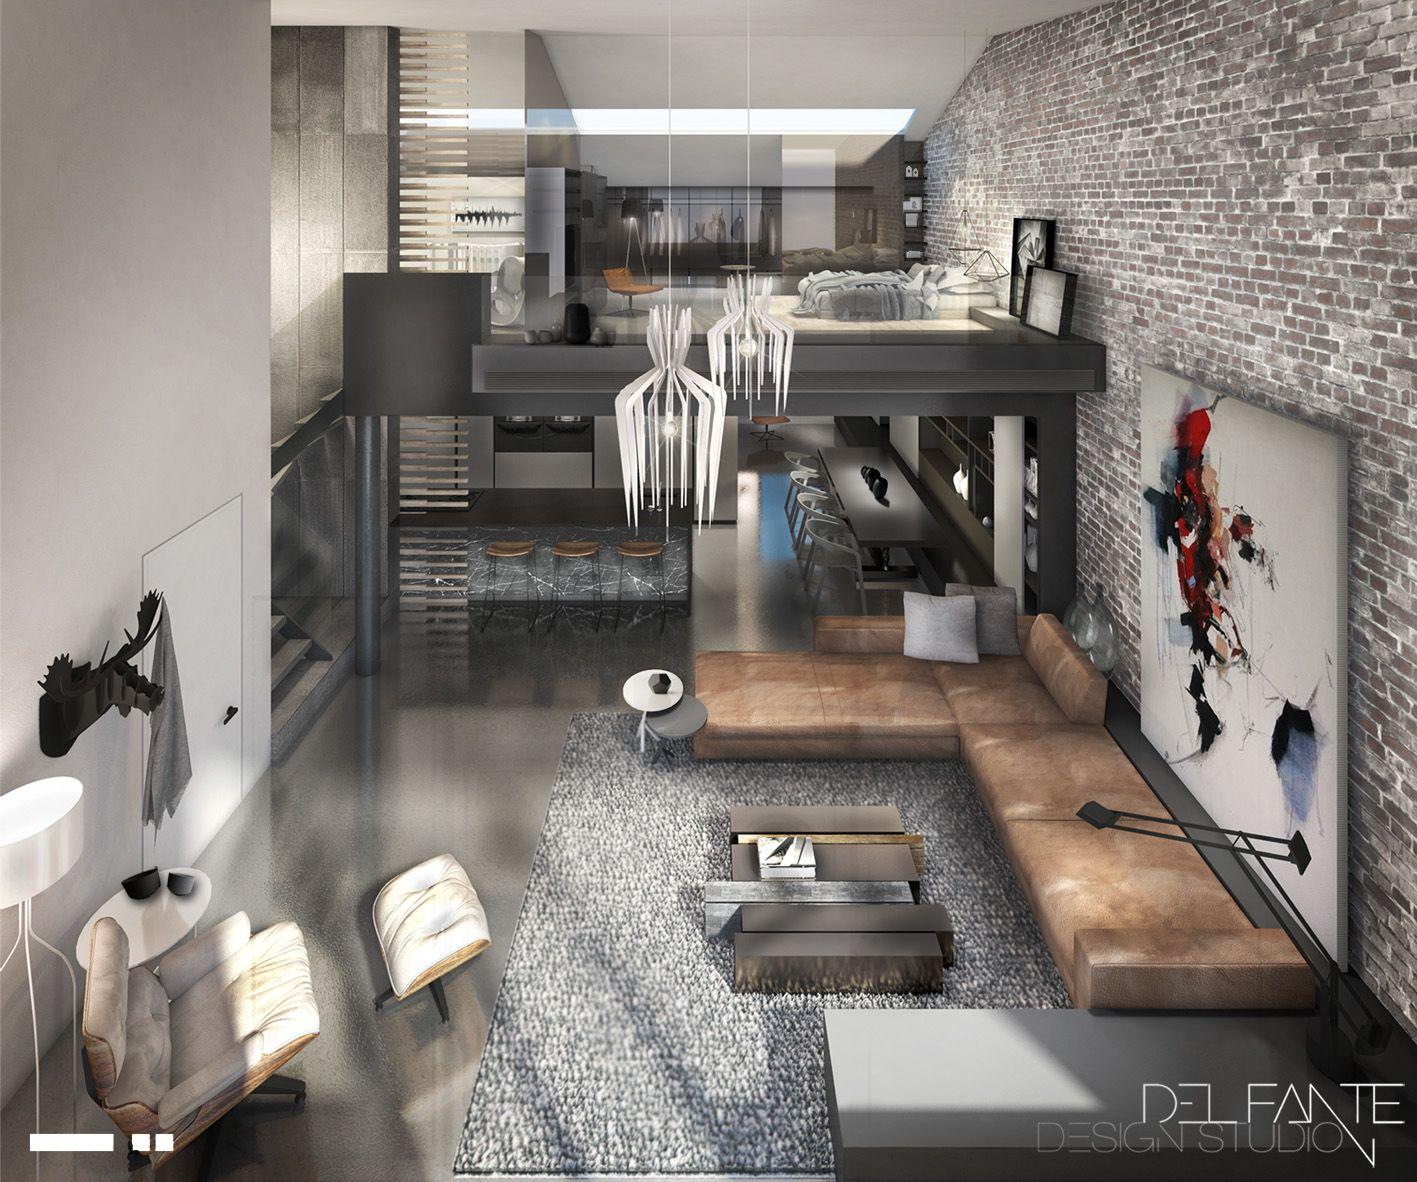 © Del Fante Design Studio